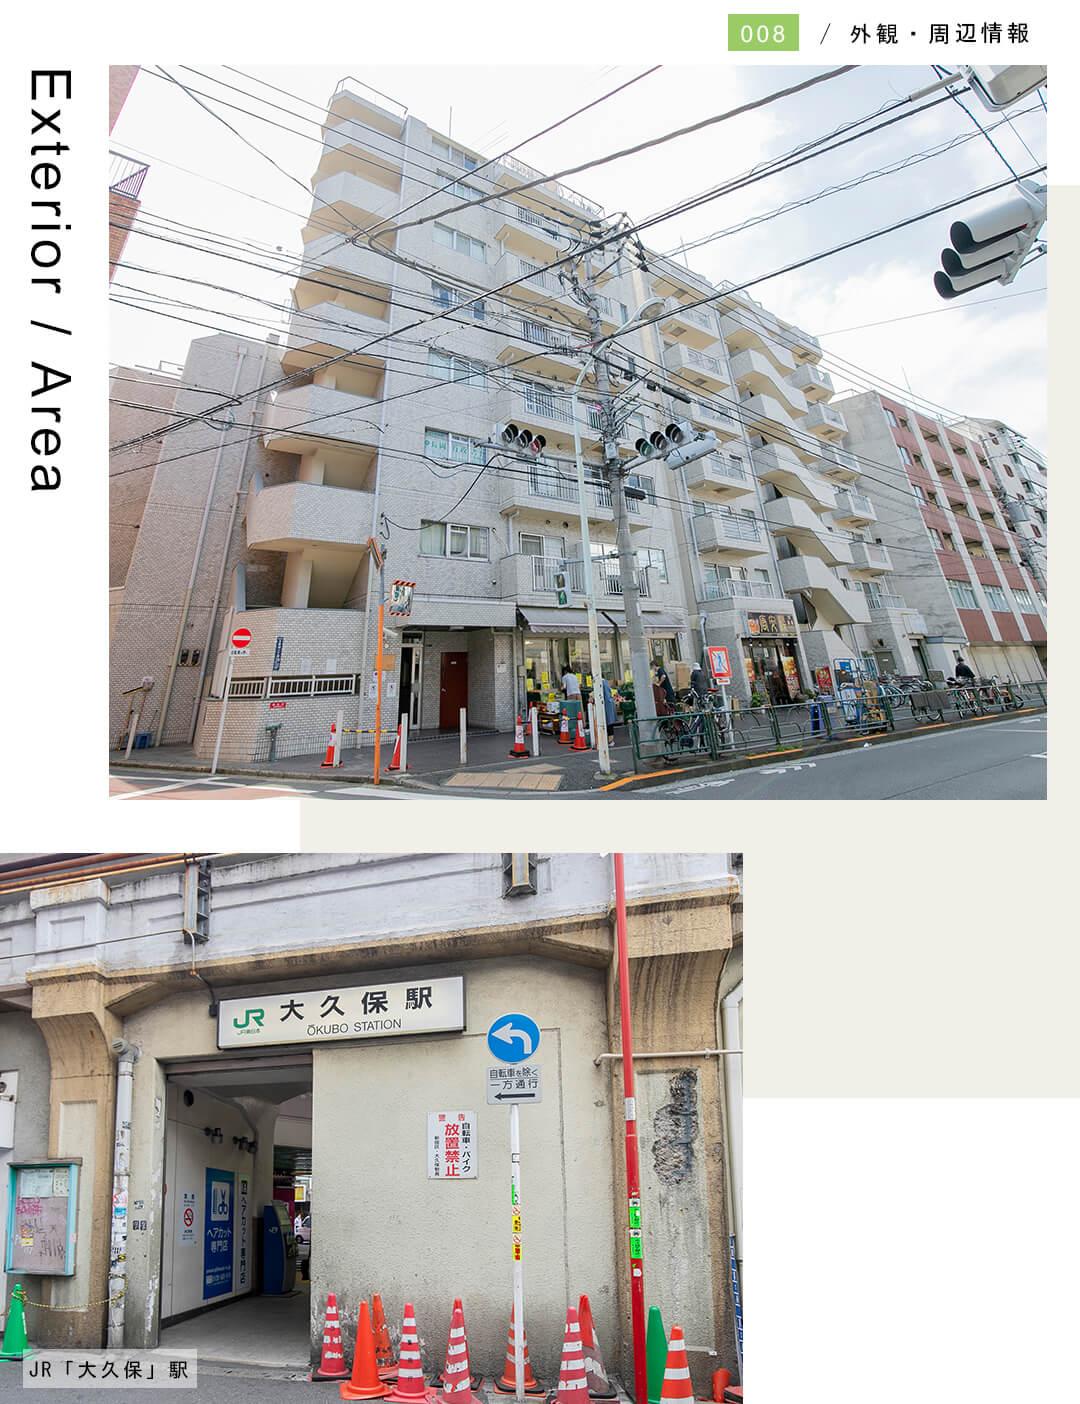 ルックハイツ北新宿壱番館の外観と周辺情報